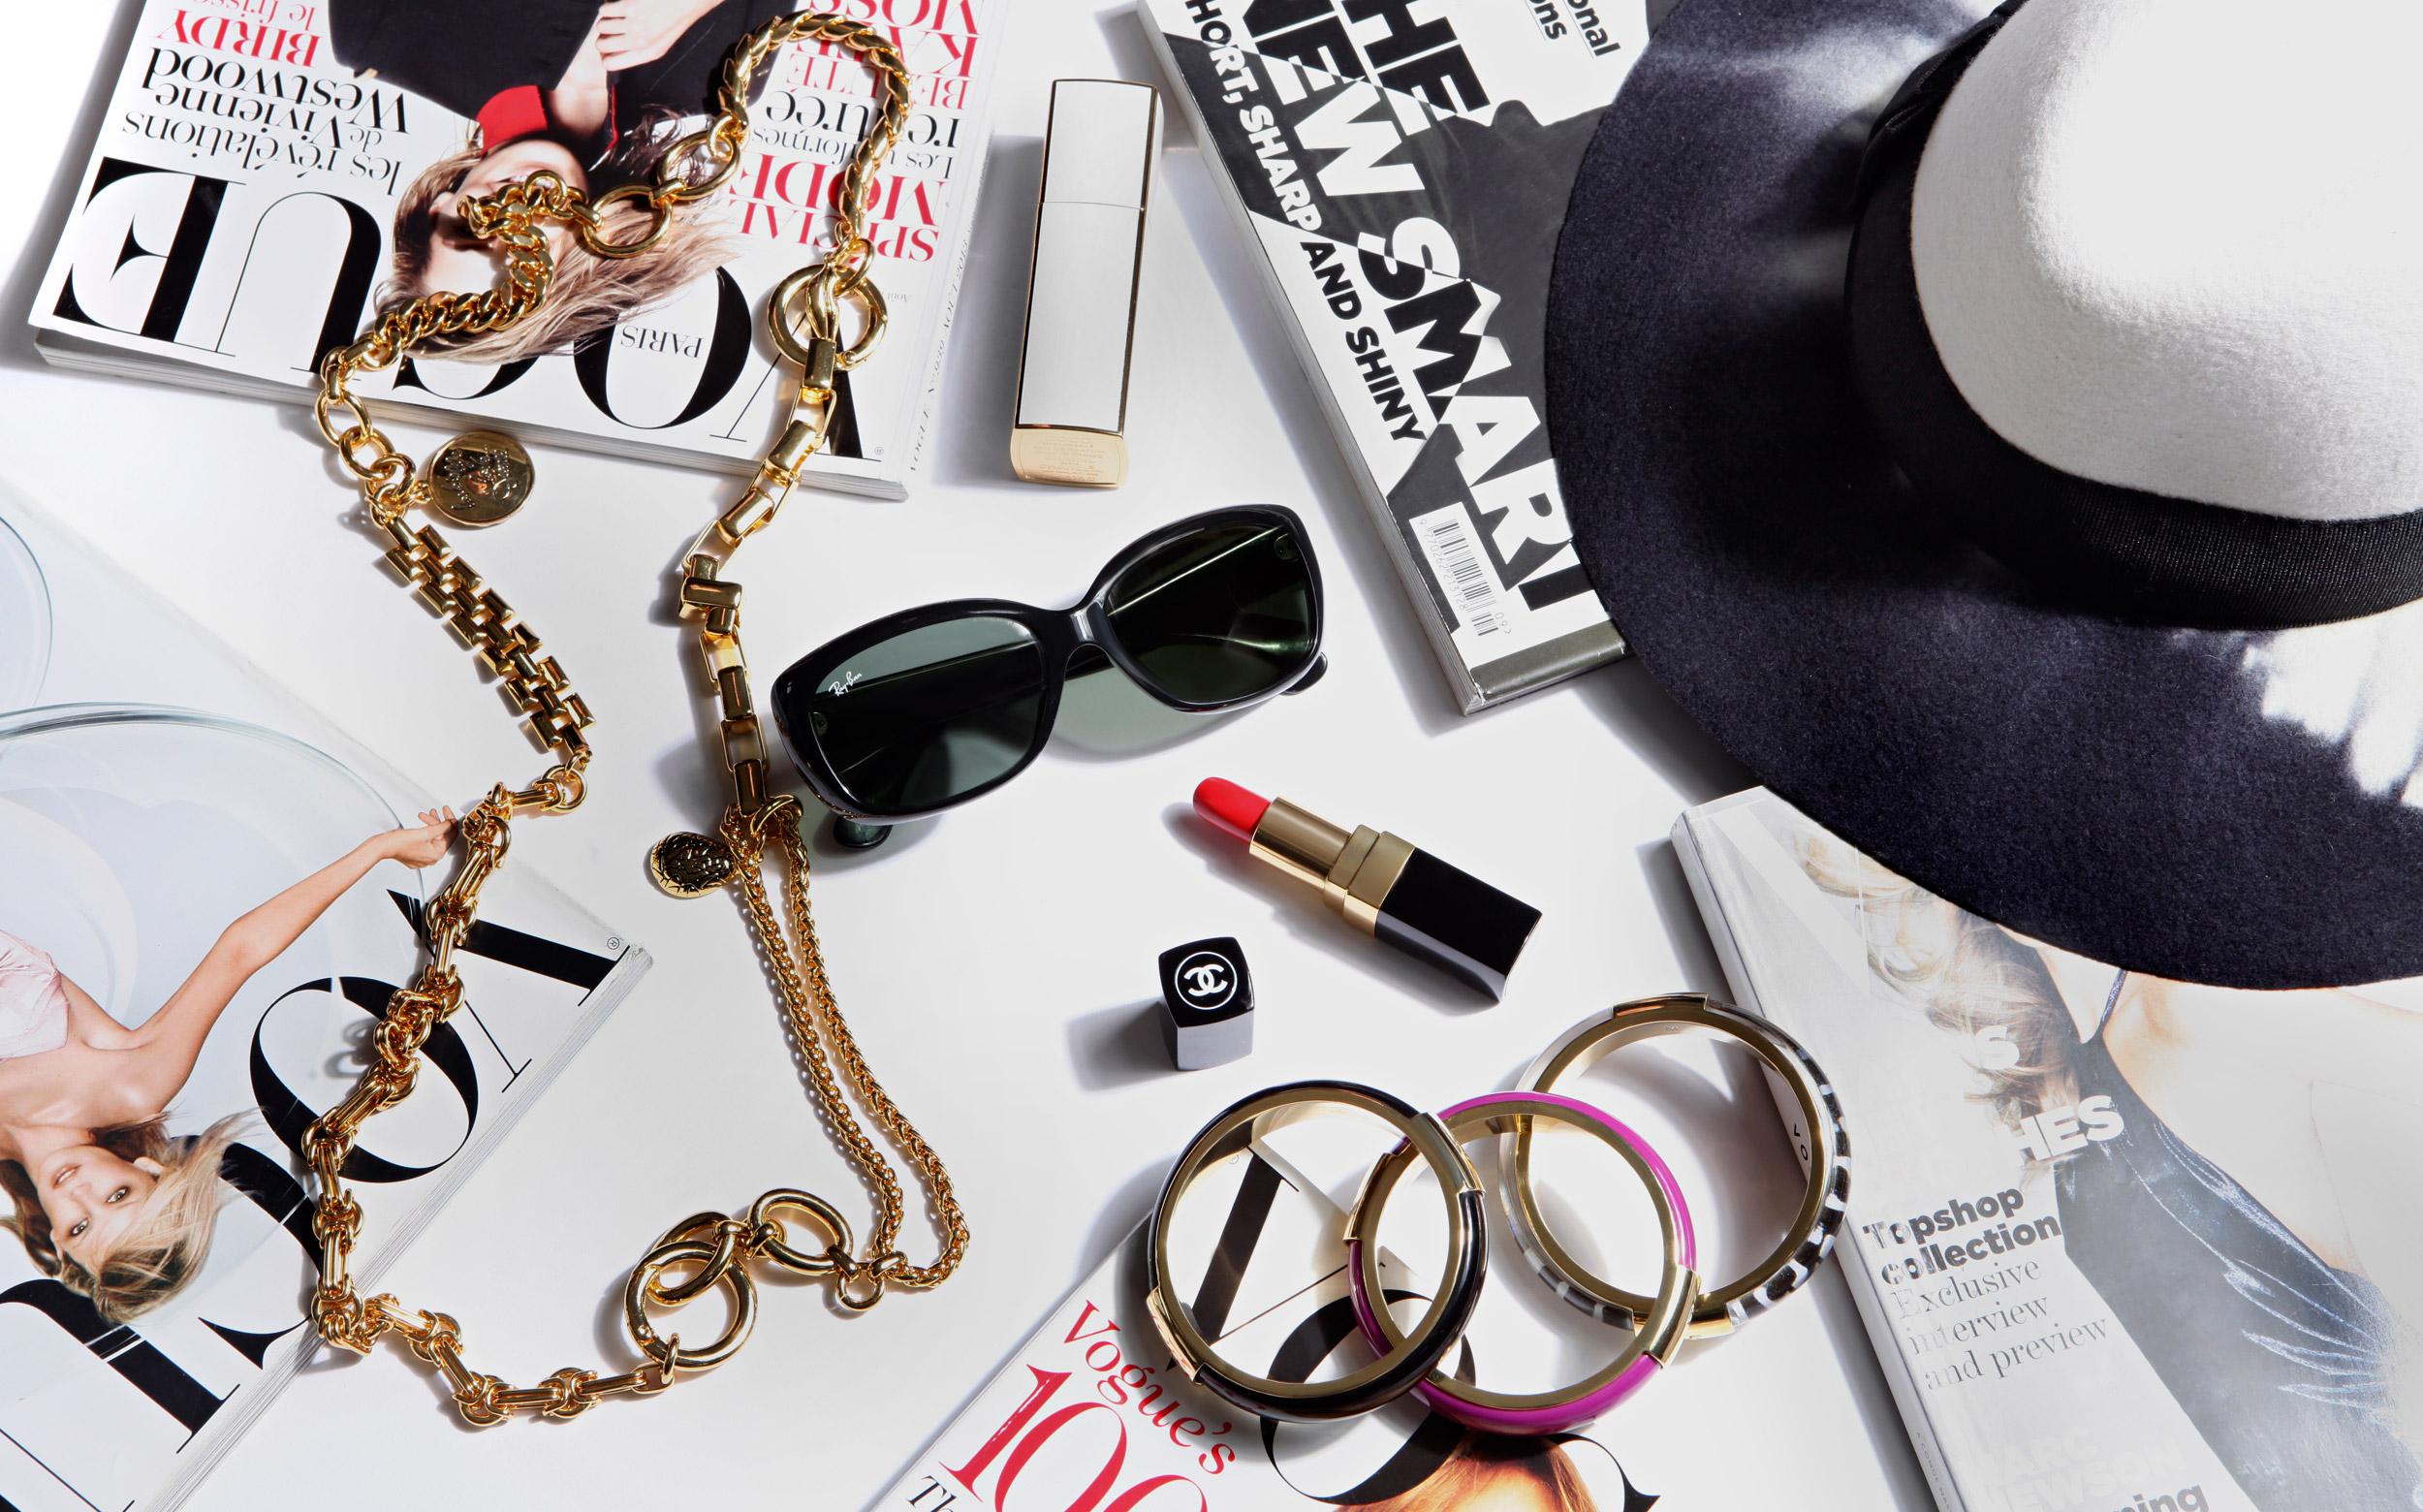 Fenwick-fashion-week.jpg